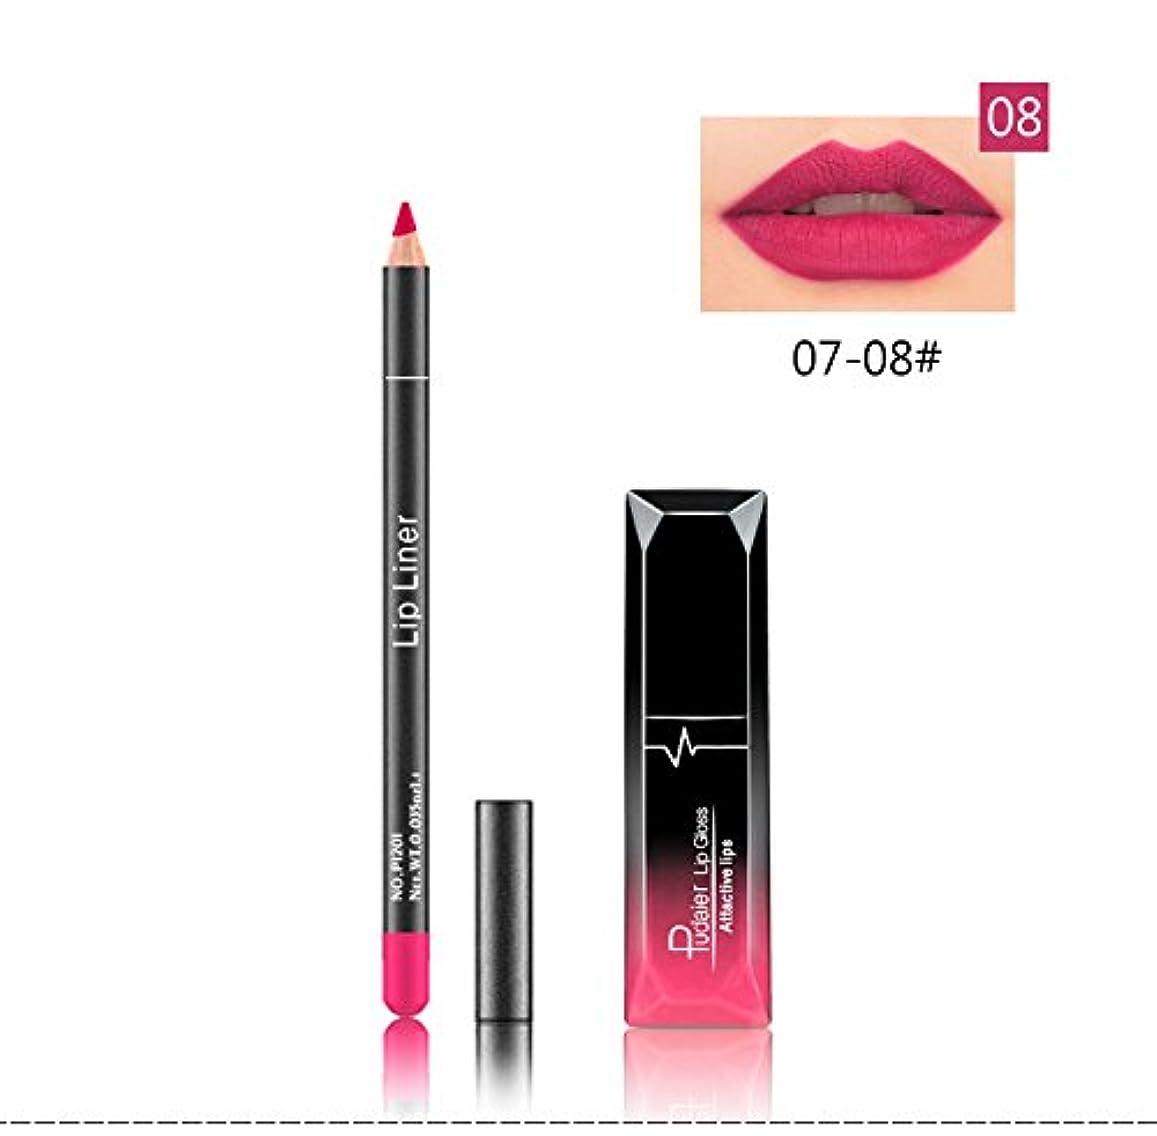 関数私のテレビ(08) Pudaier 1pc Matte Liquid Lipstick Cosmetic Lip Kit+ 1 Pc Nude Lip Liner Pencil MakeUp Set Waterproof Long Lasting Lipstick Gfit